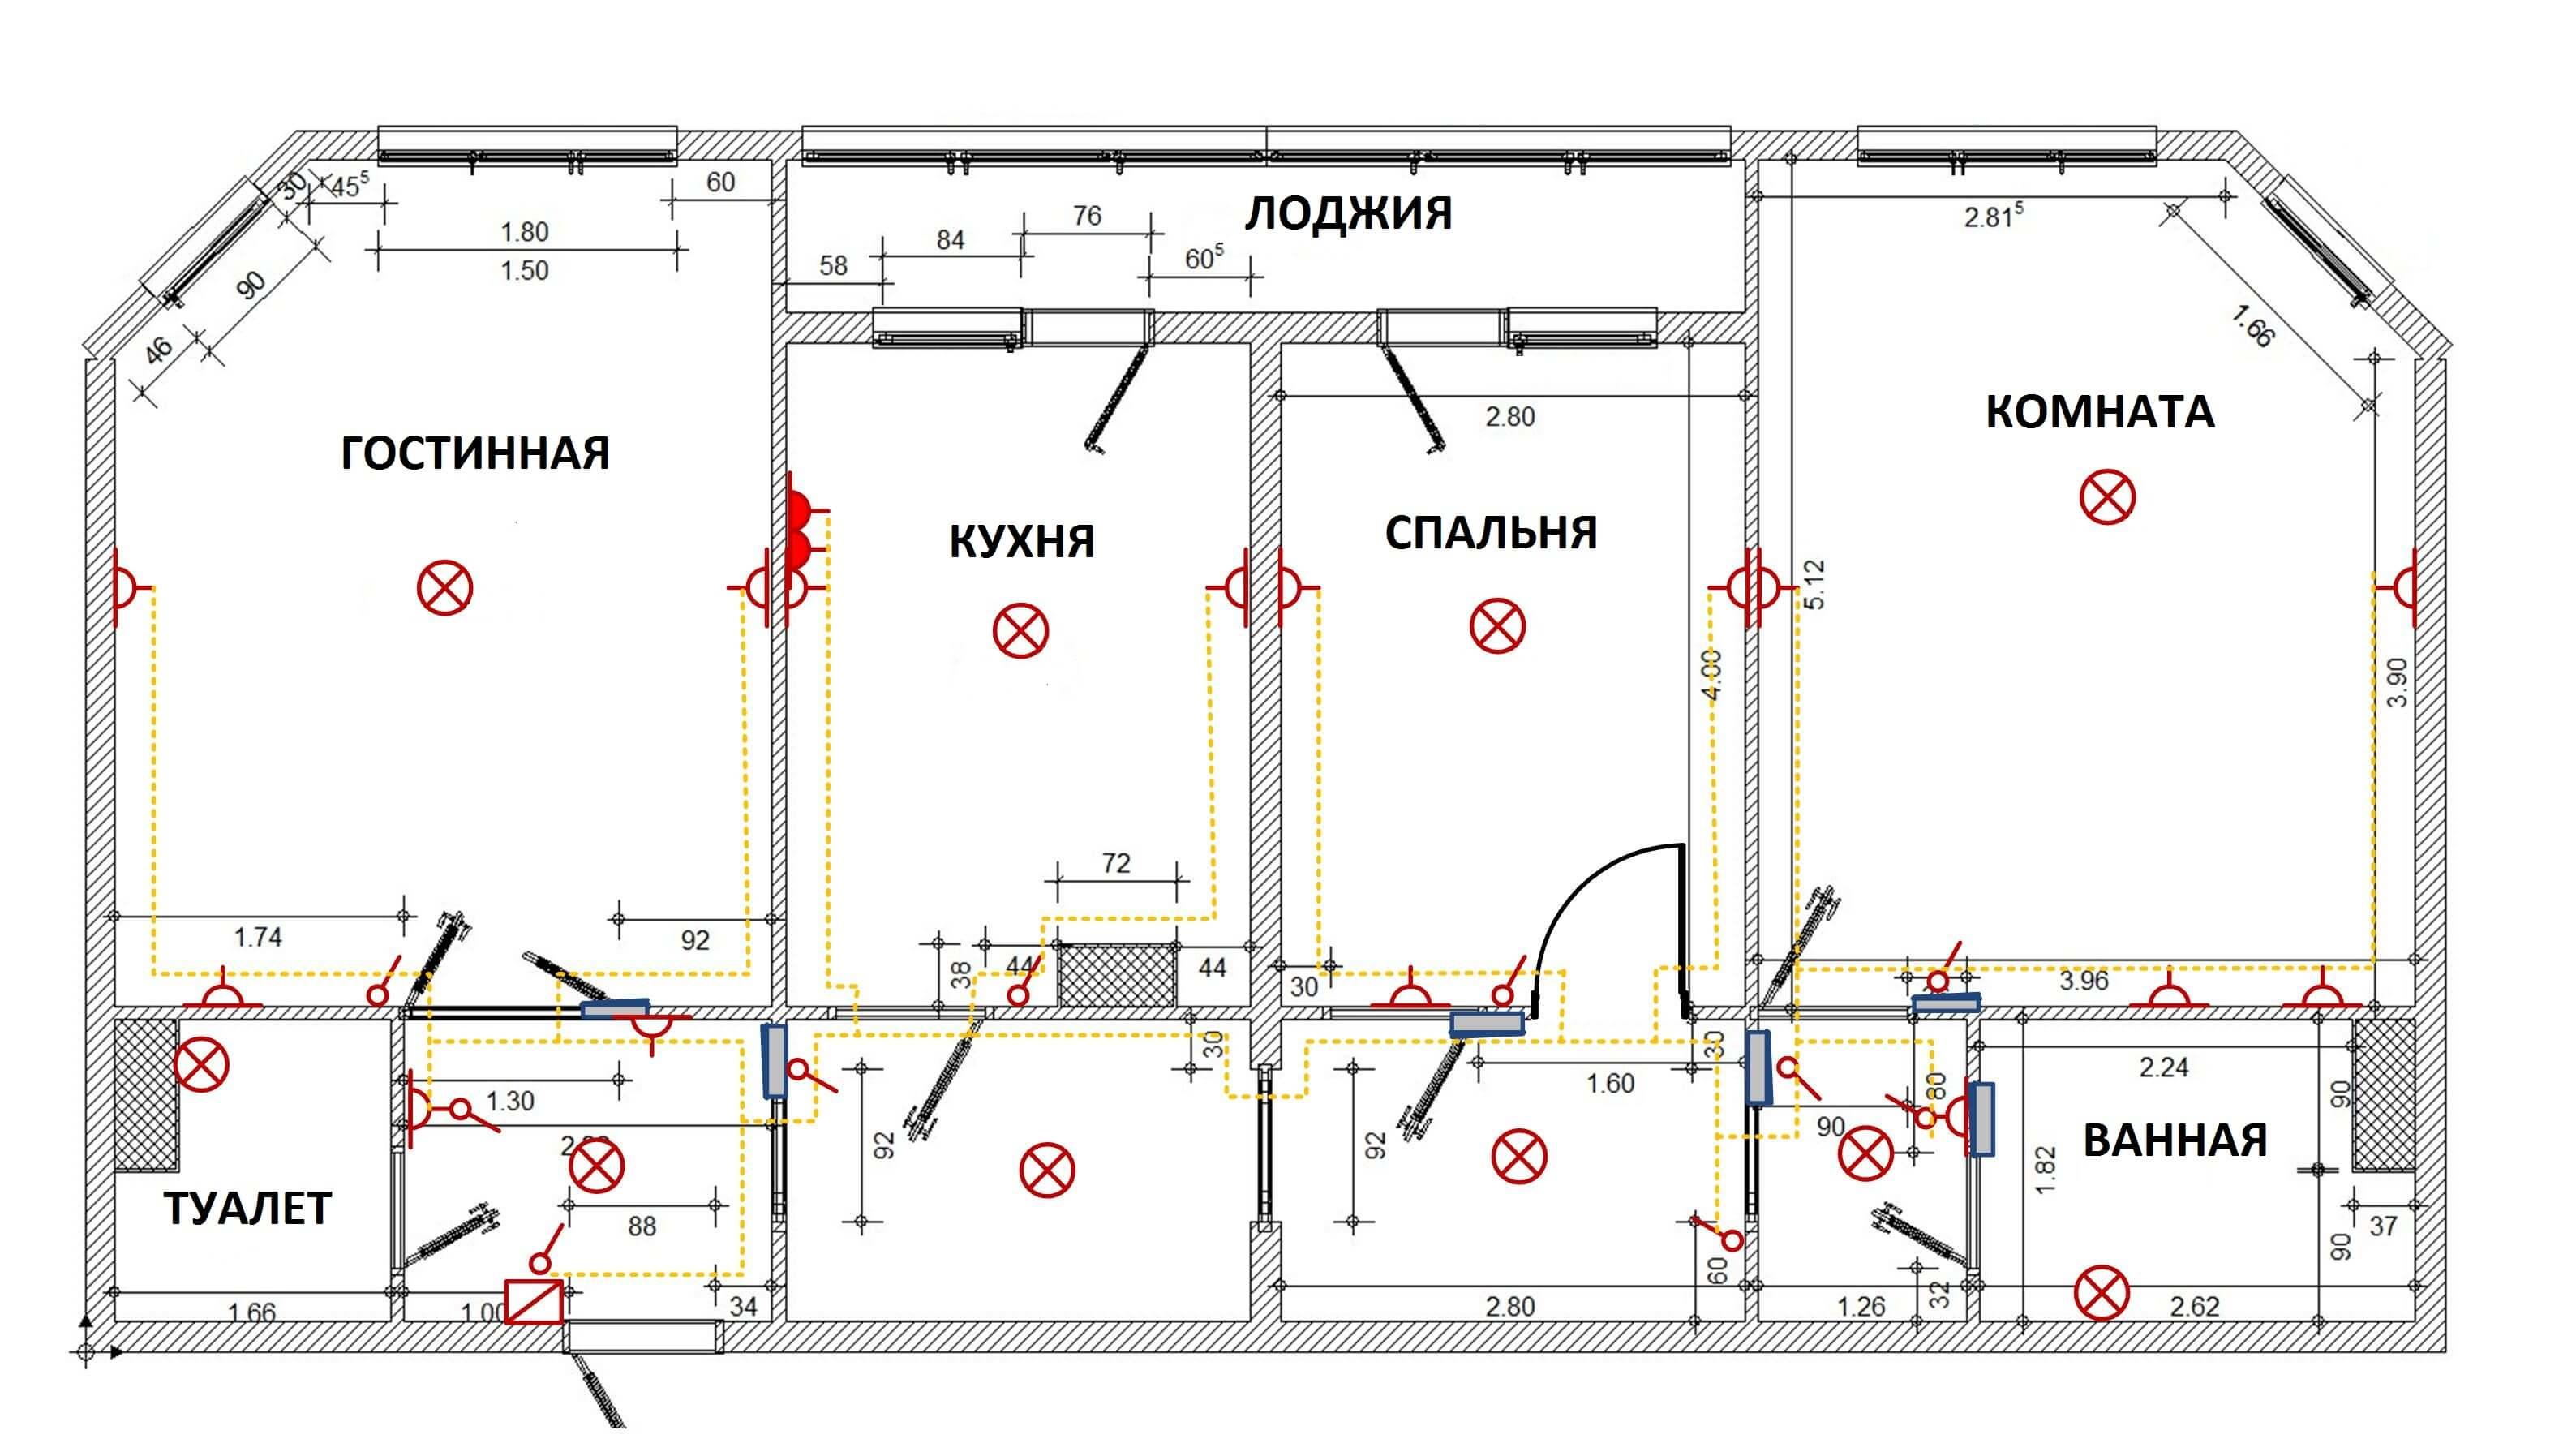 Схема трехкомнатной квартиры